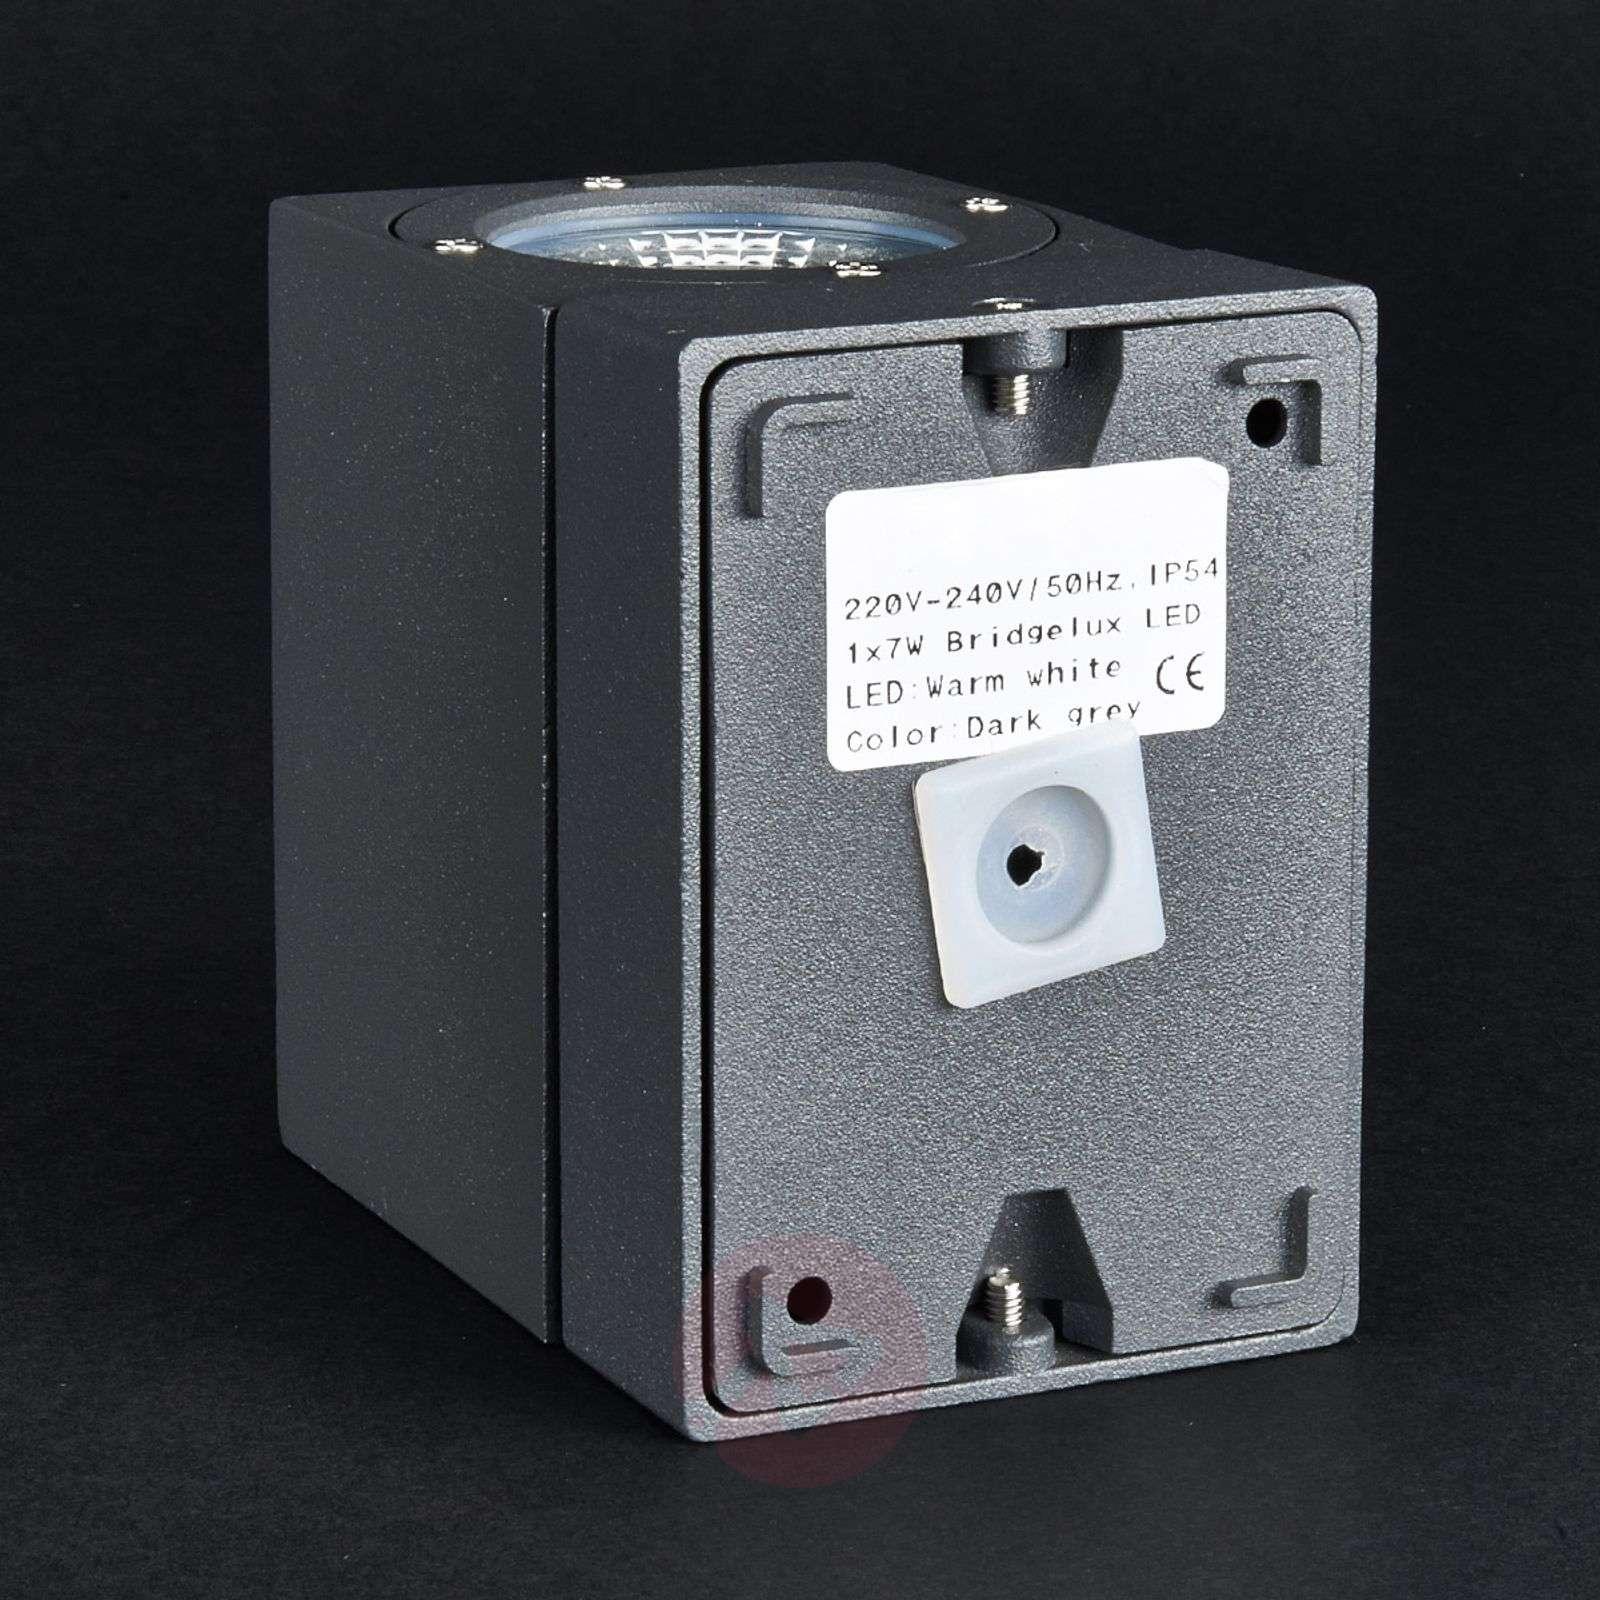 Lorik flexible LED outdoor wall lamp-9618001-01